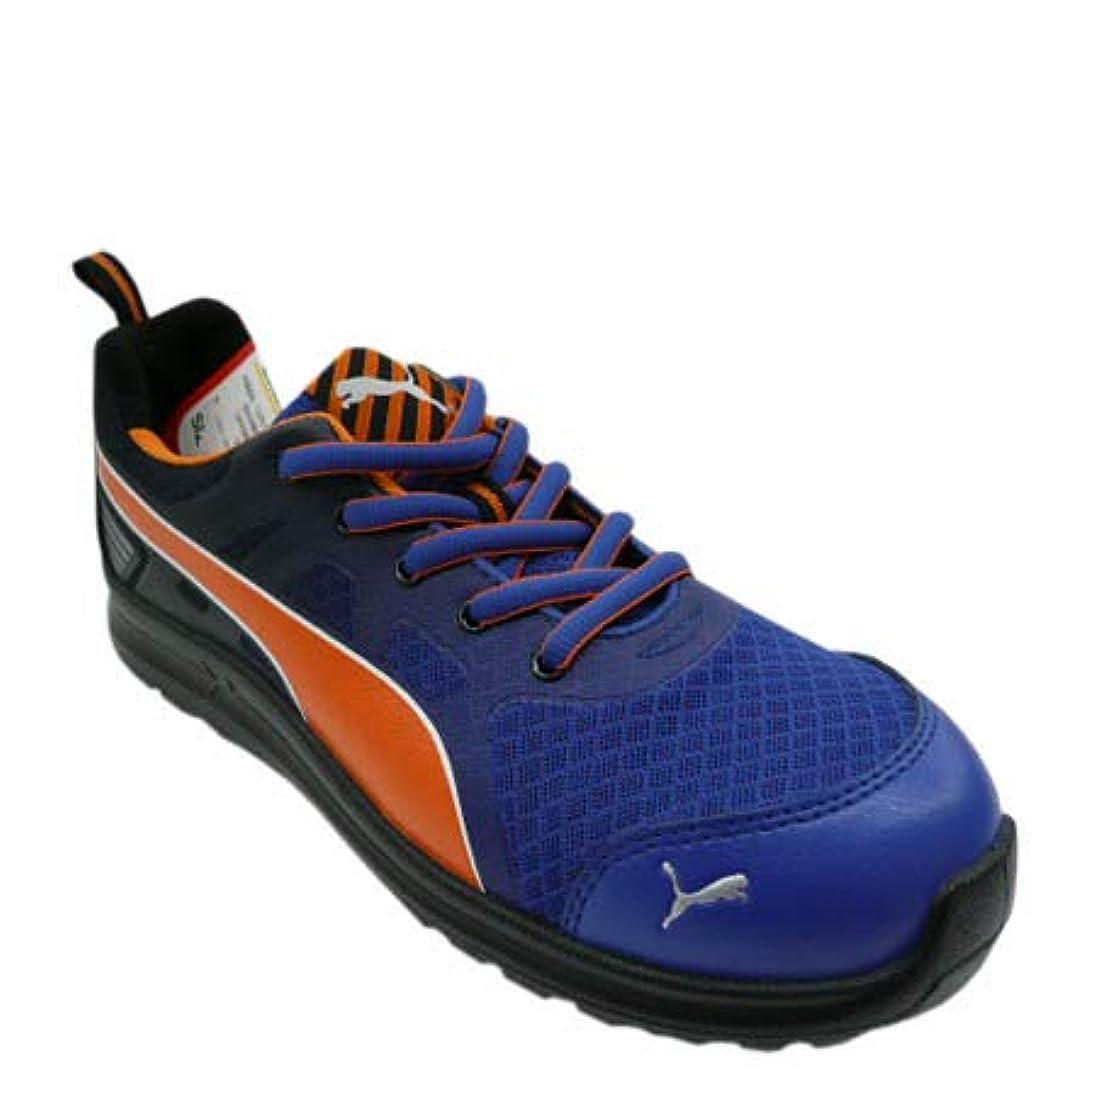 フラグラントリーガンマダム[プーマ セーフティー] 安全靴 安全スニーカー シューズ Marathon Red Low マラソン ブルー ロー No.64.335.0 樹脂先芯 クッション